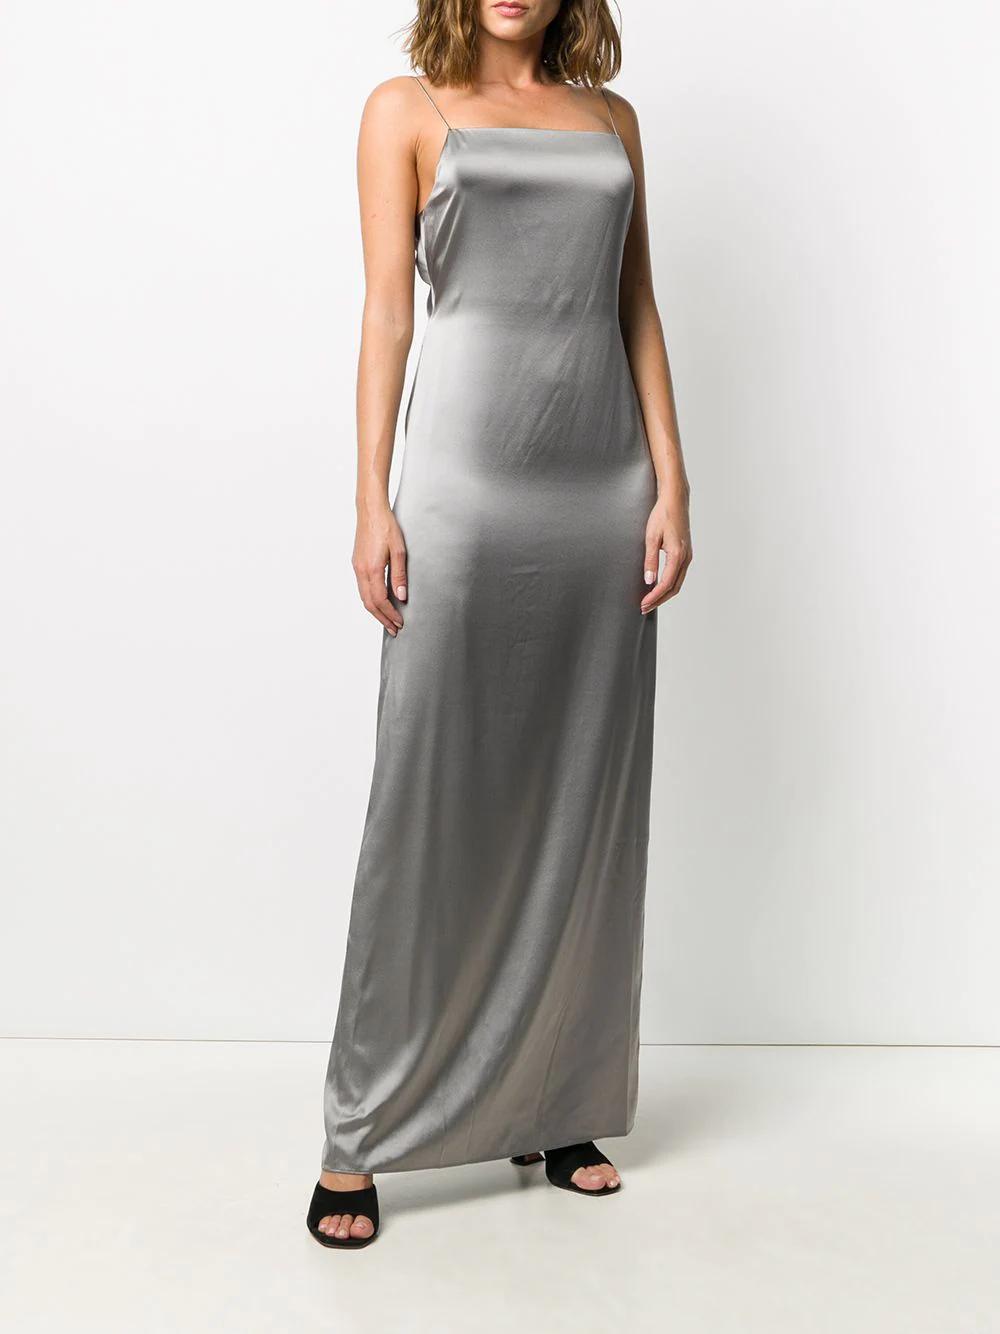 Helmut Lang Silk Evening Dress 956лв